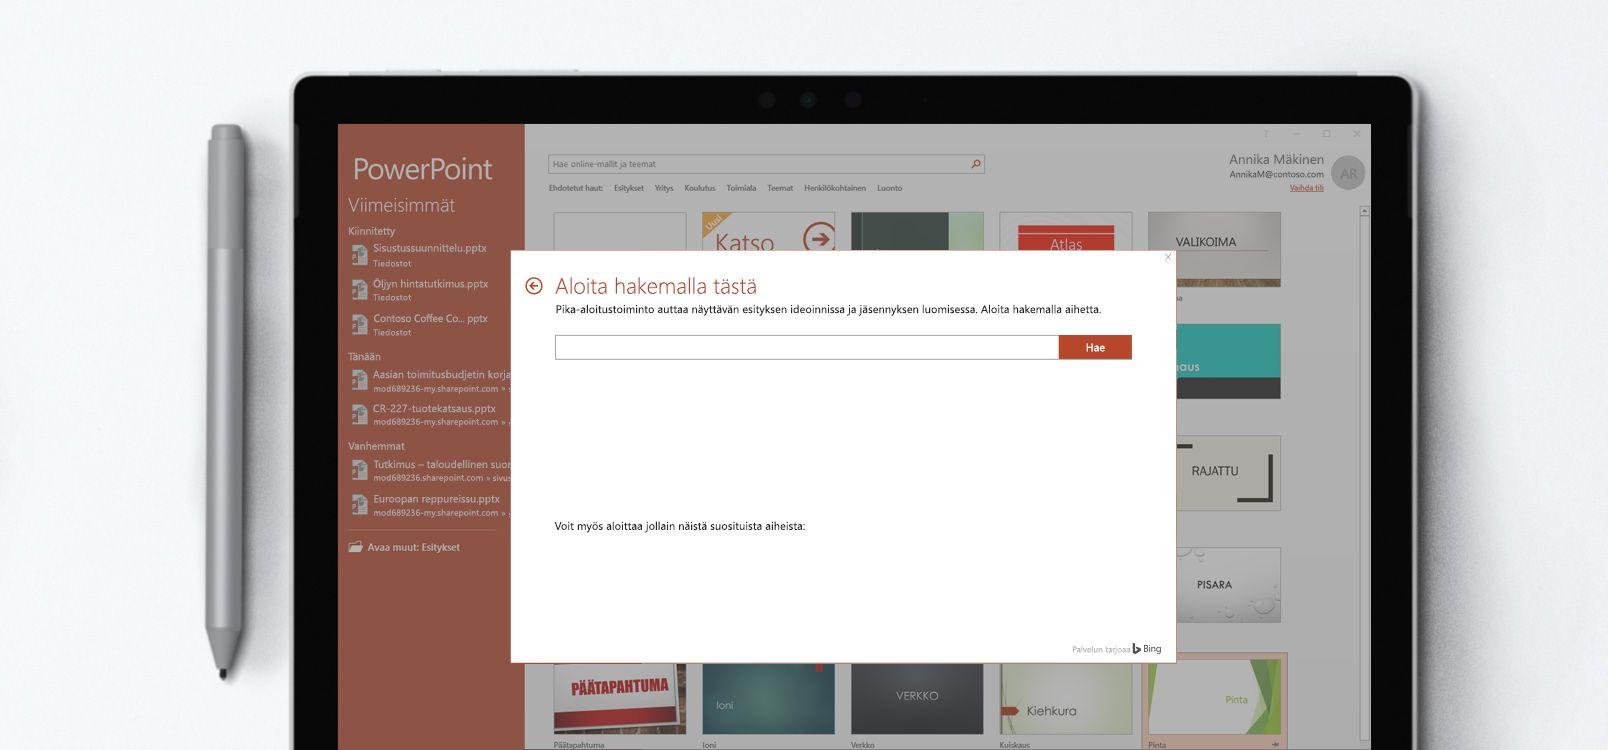 Tabletin näyttö, jossa näkyy PowerPoint-tiedosto ja Pika-aloitustoiminto